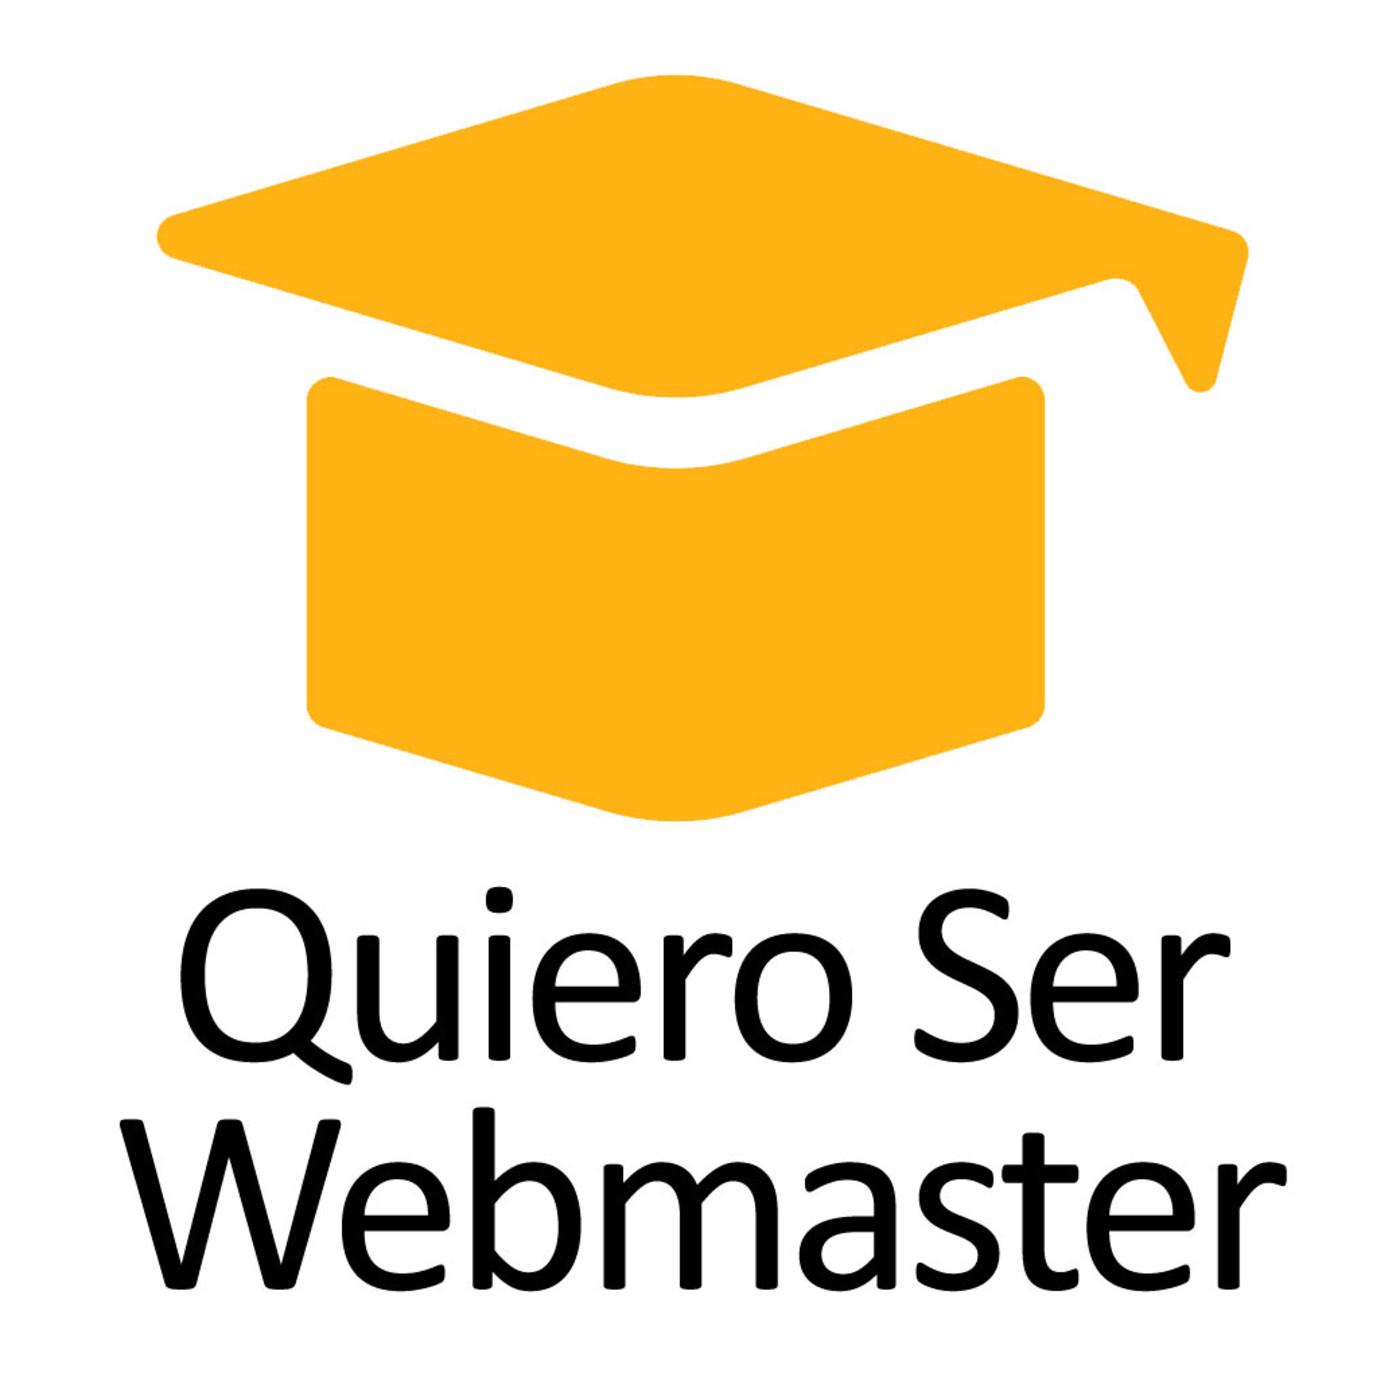 1. Quiero Ser Webmaster